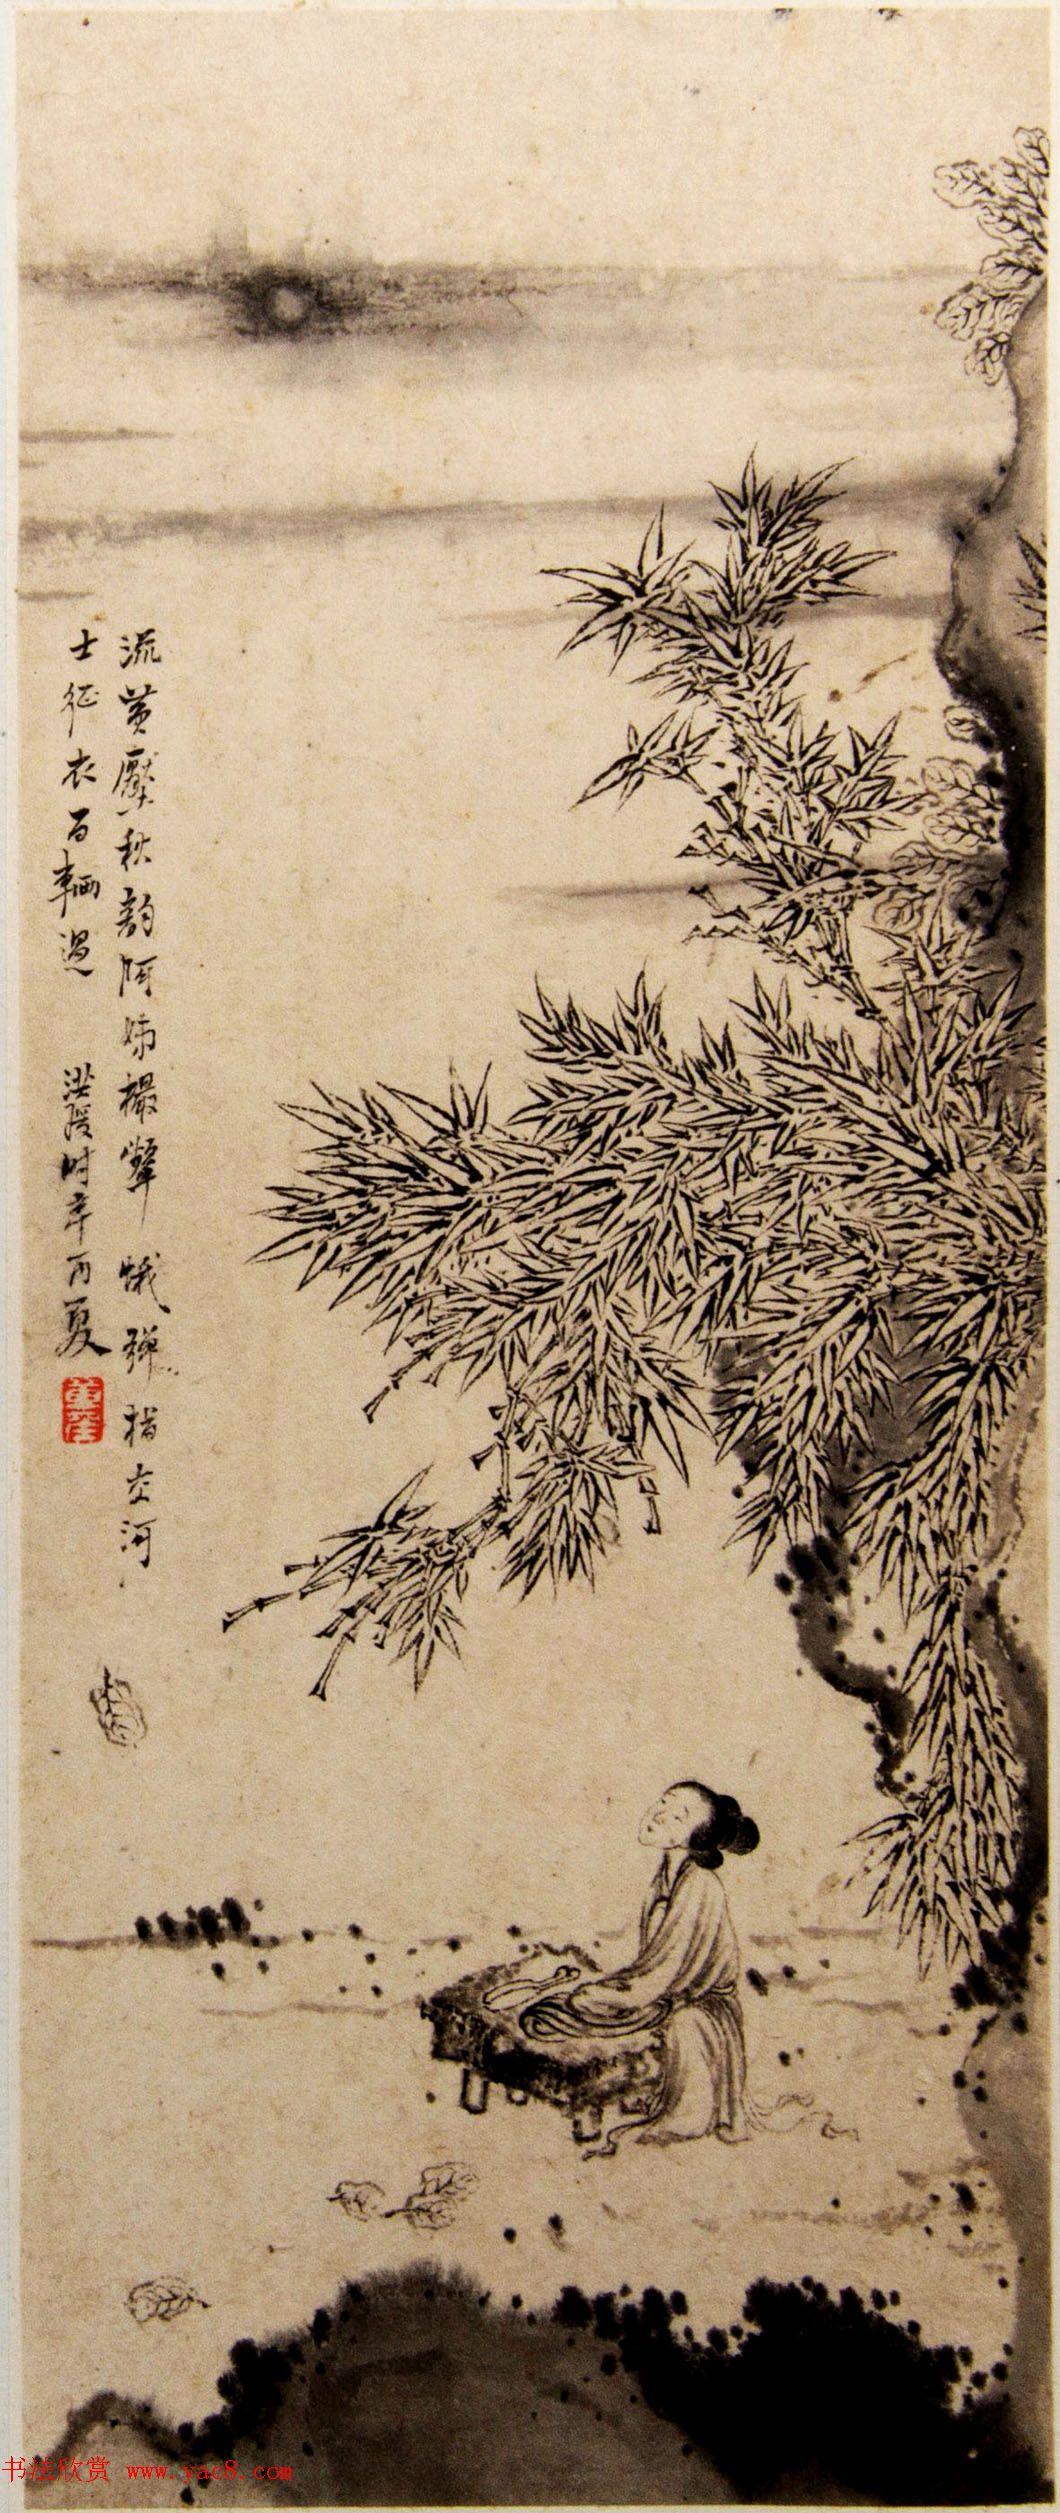 陈洪绶书法字画《明陈章侯画册》